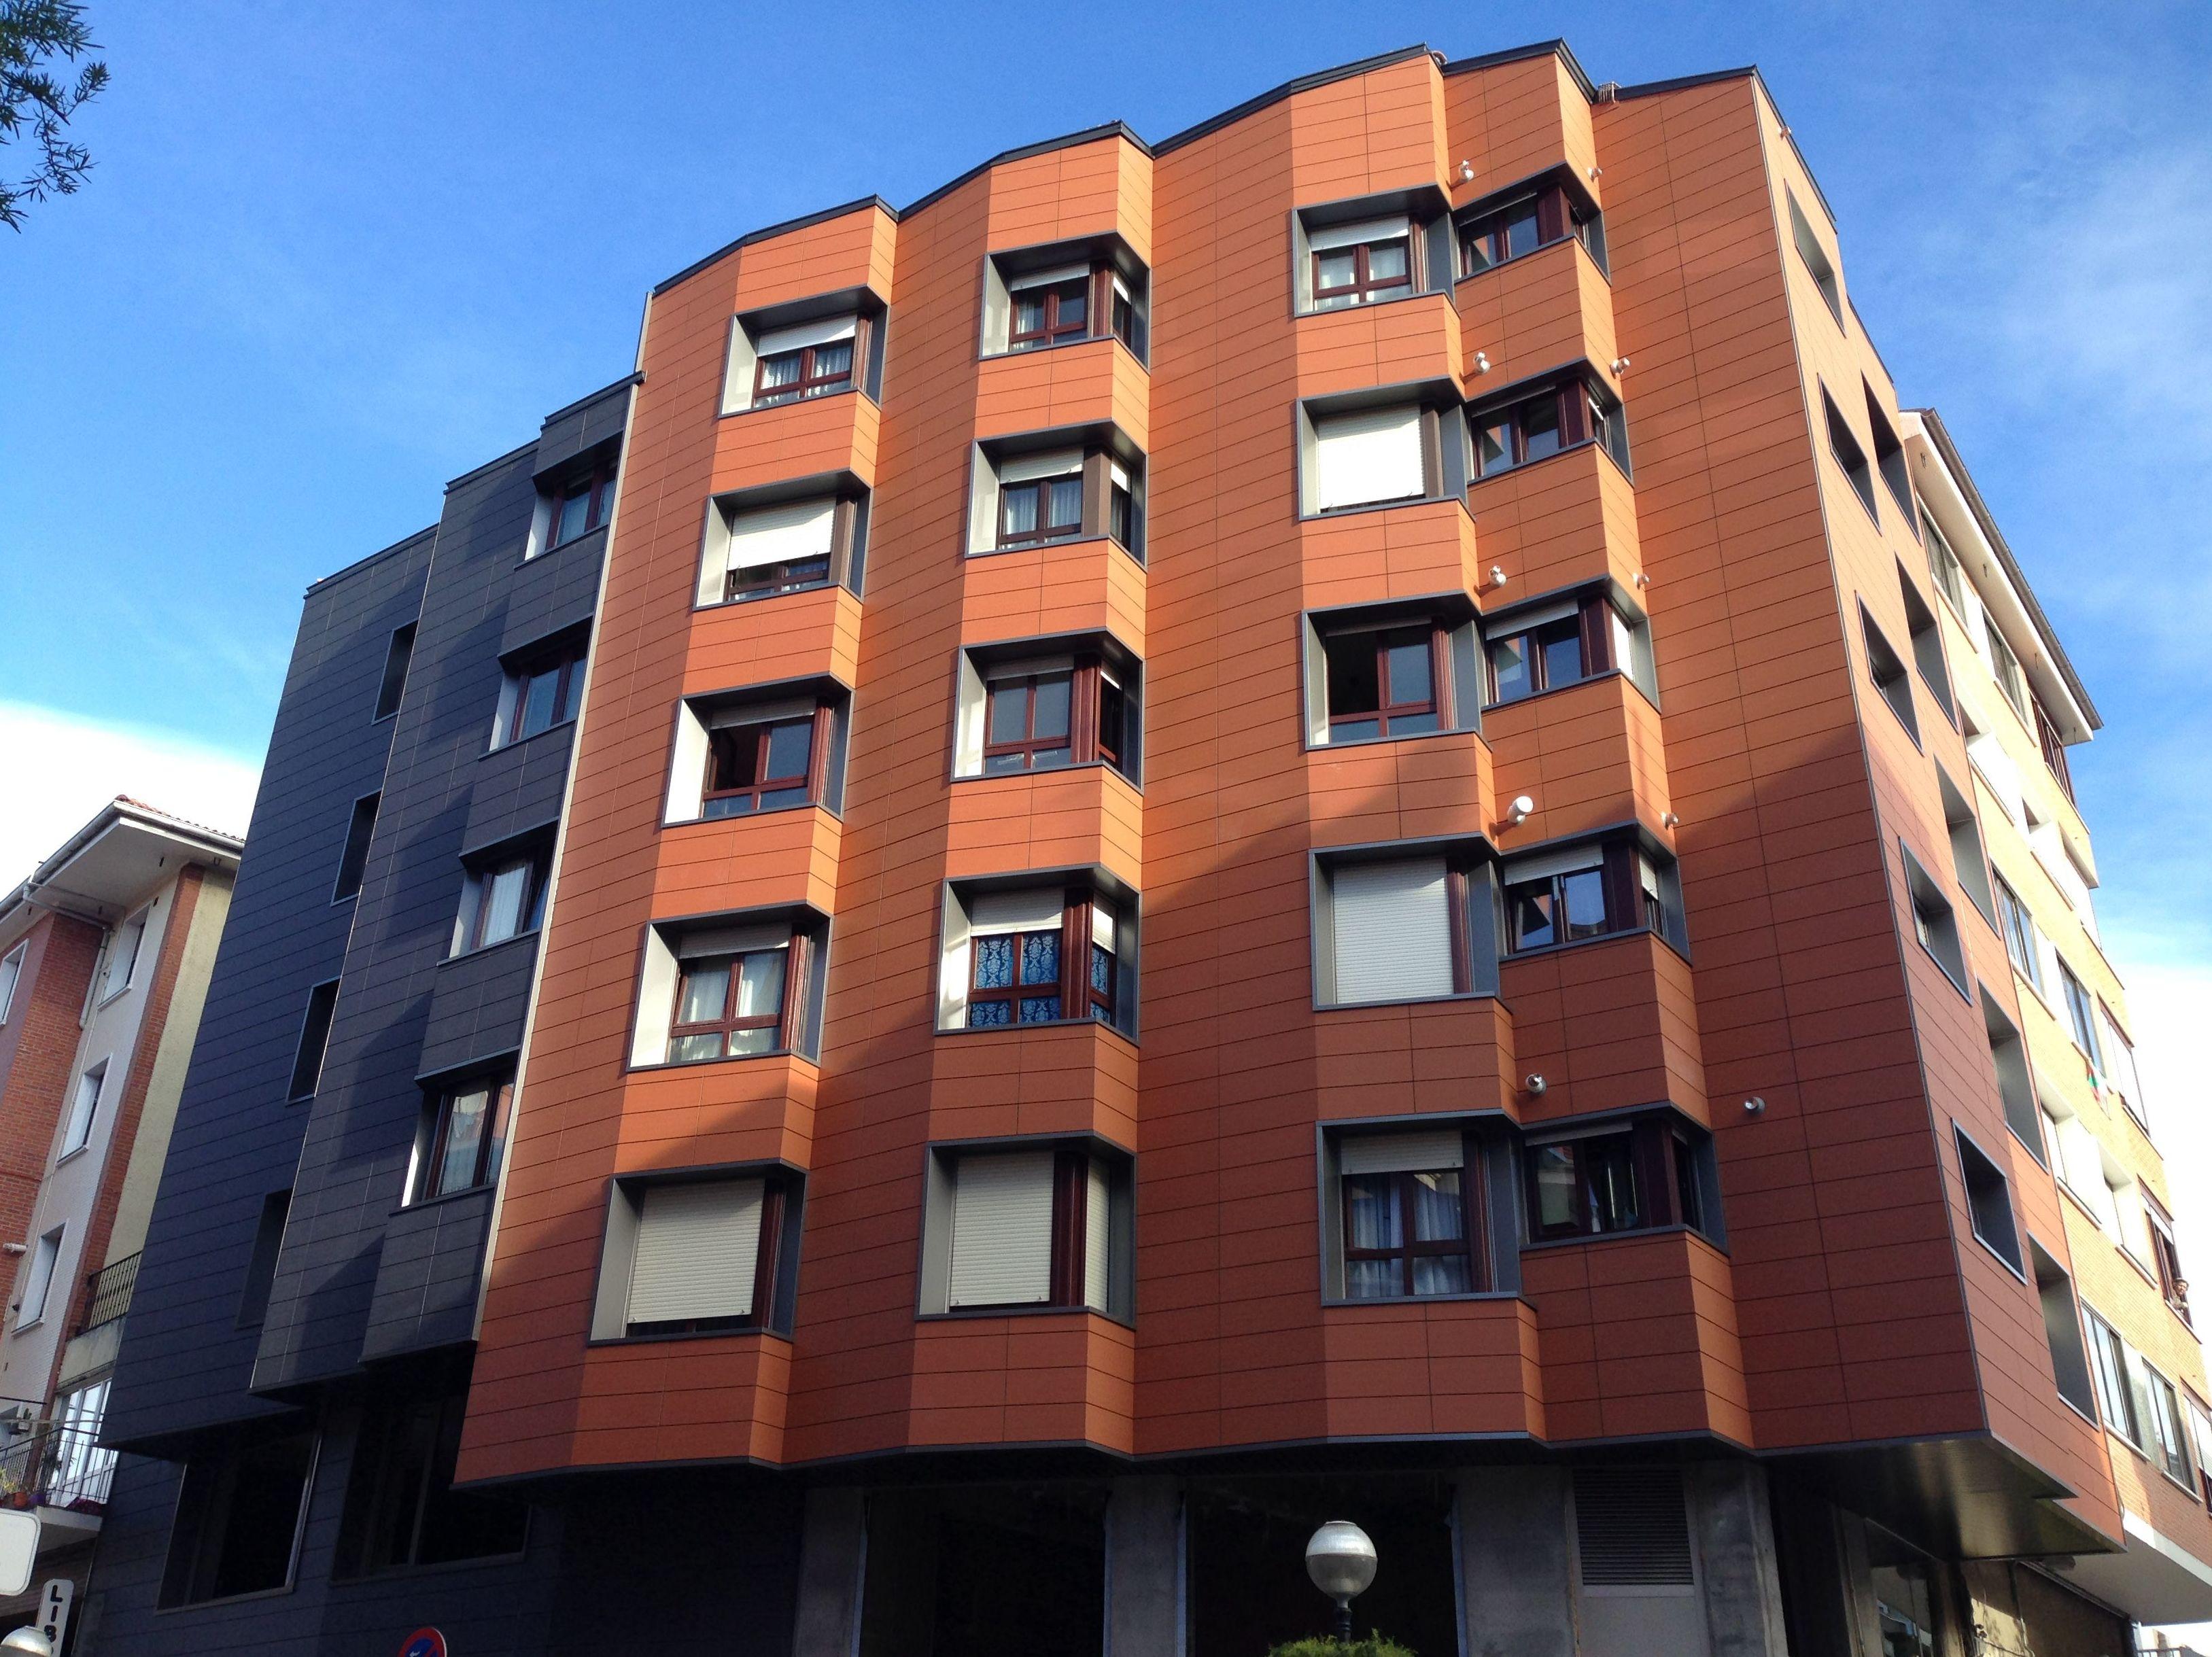 Foto 99 de Rehabilitación de edificios en  | Impermungi, S.L.